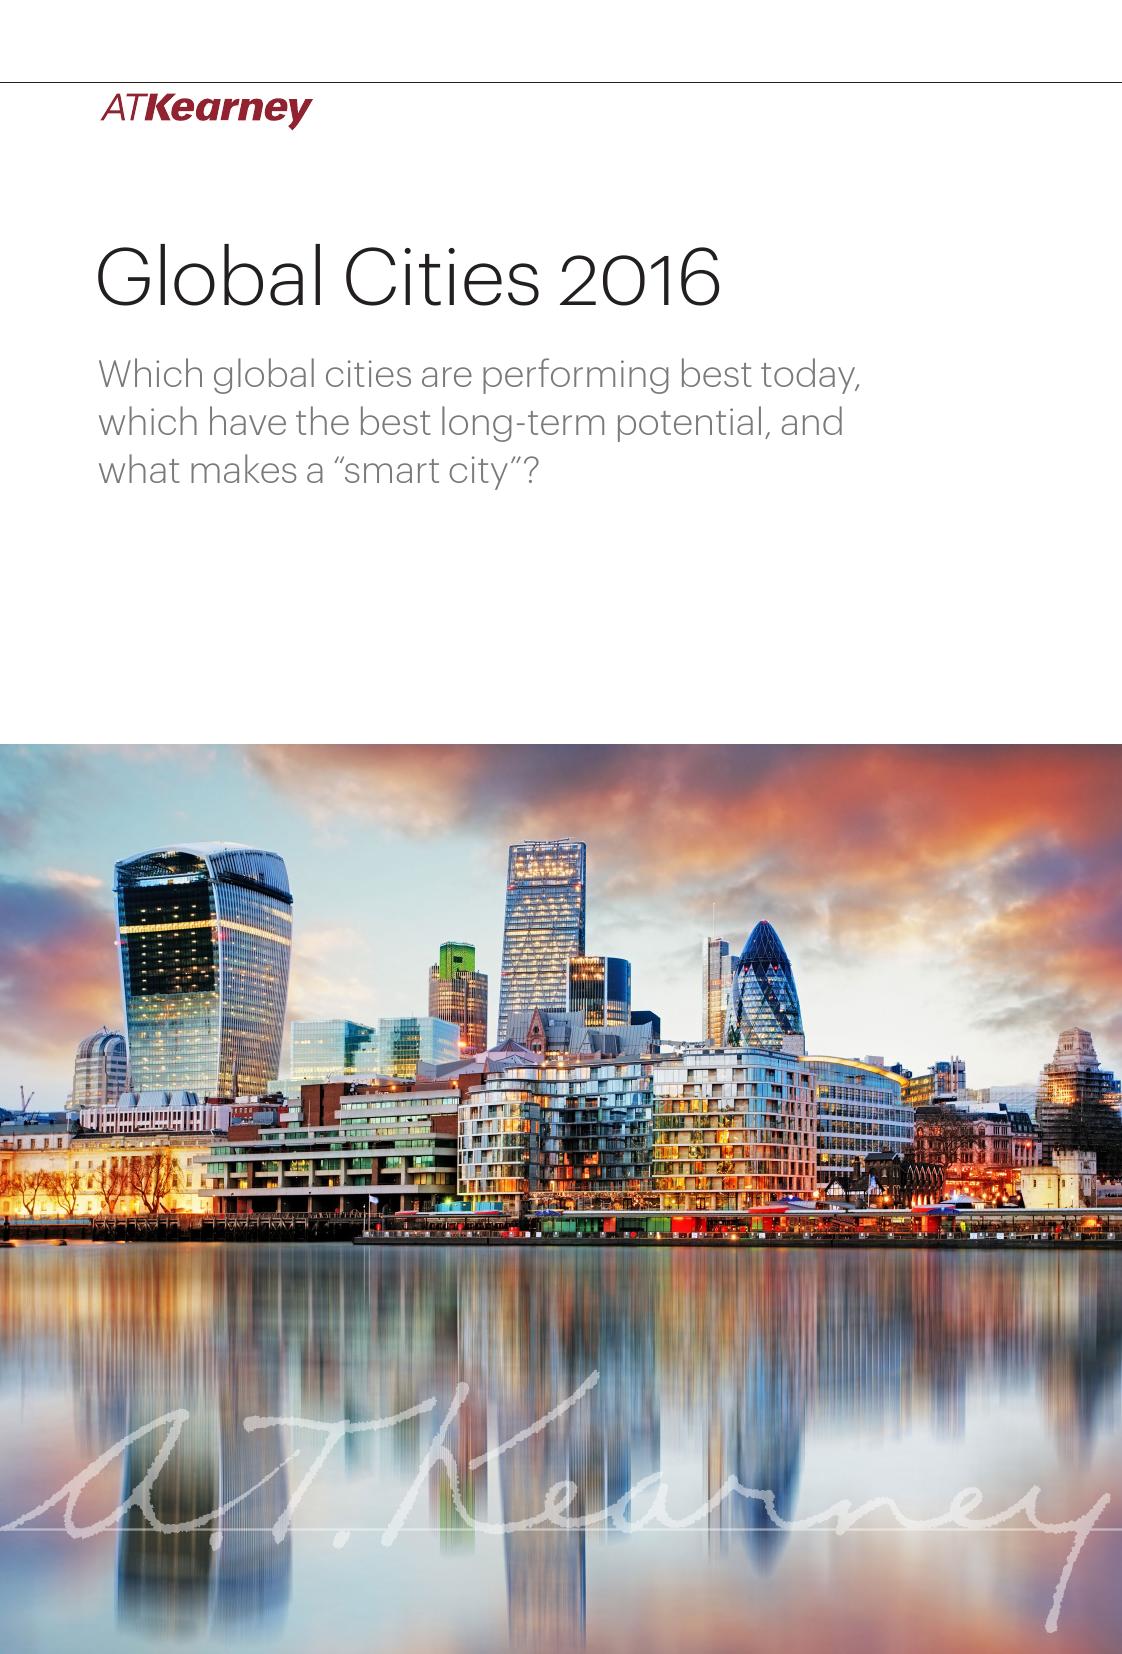 科尔尼:2016年全球化城市_000001